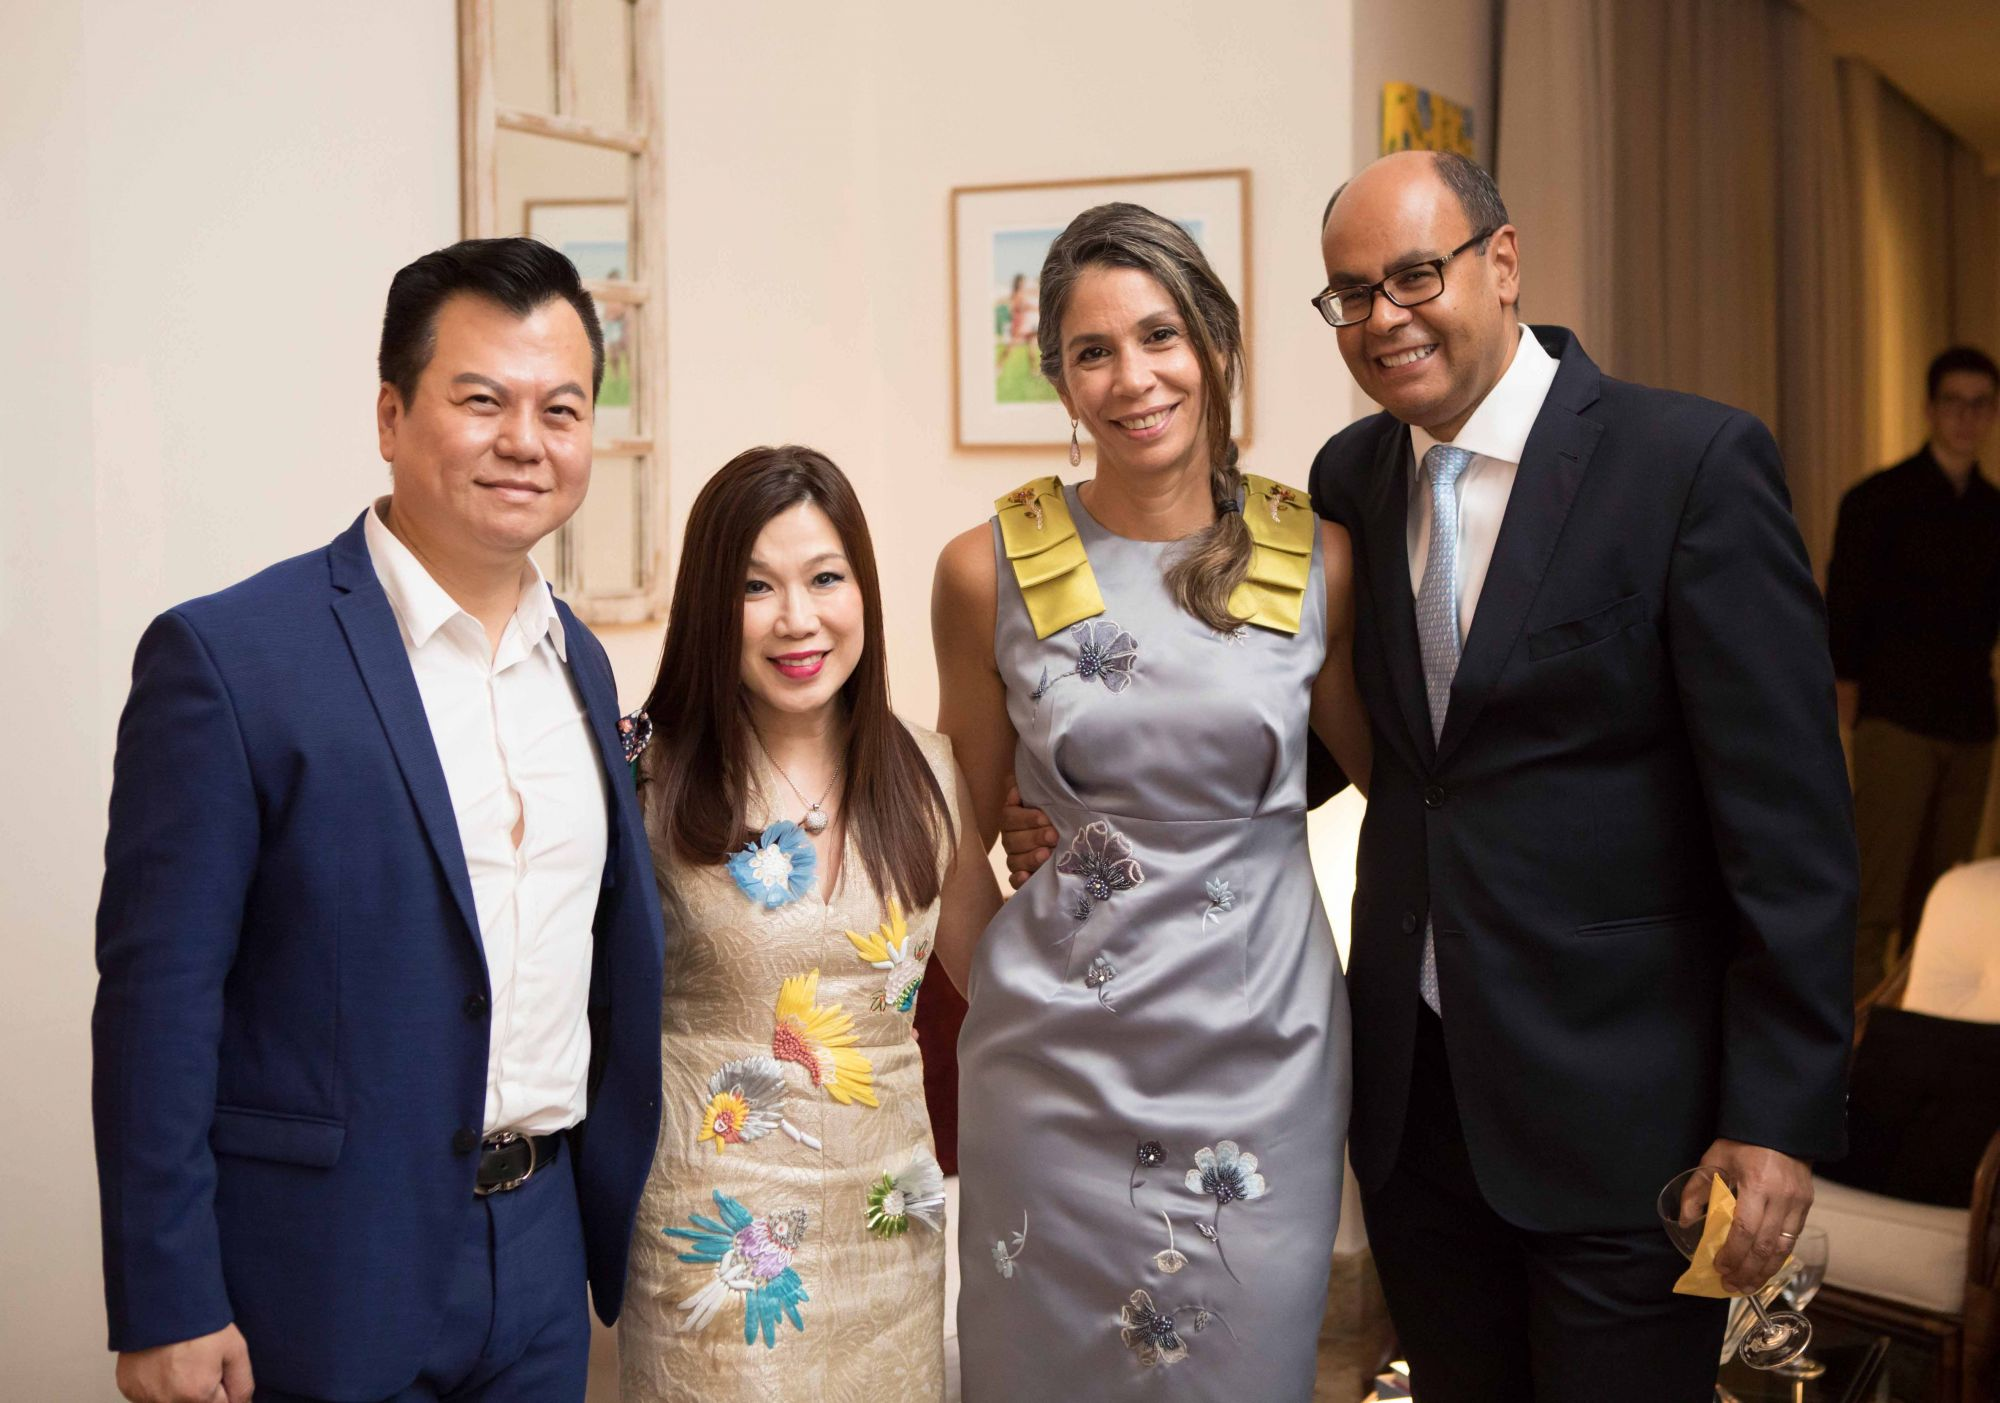 Adrian Peh, Susan Peh, Rosa Maria Campos Damico and H.E. Flávio S. Damico